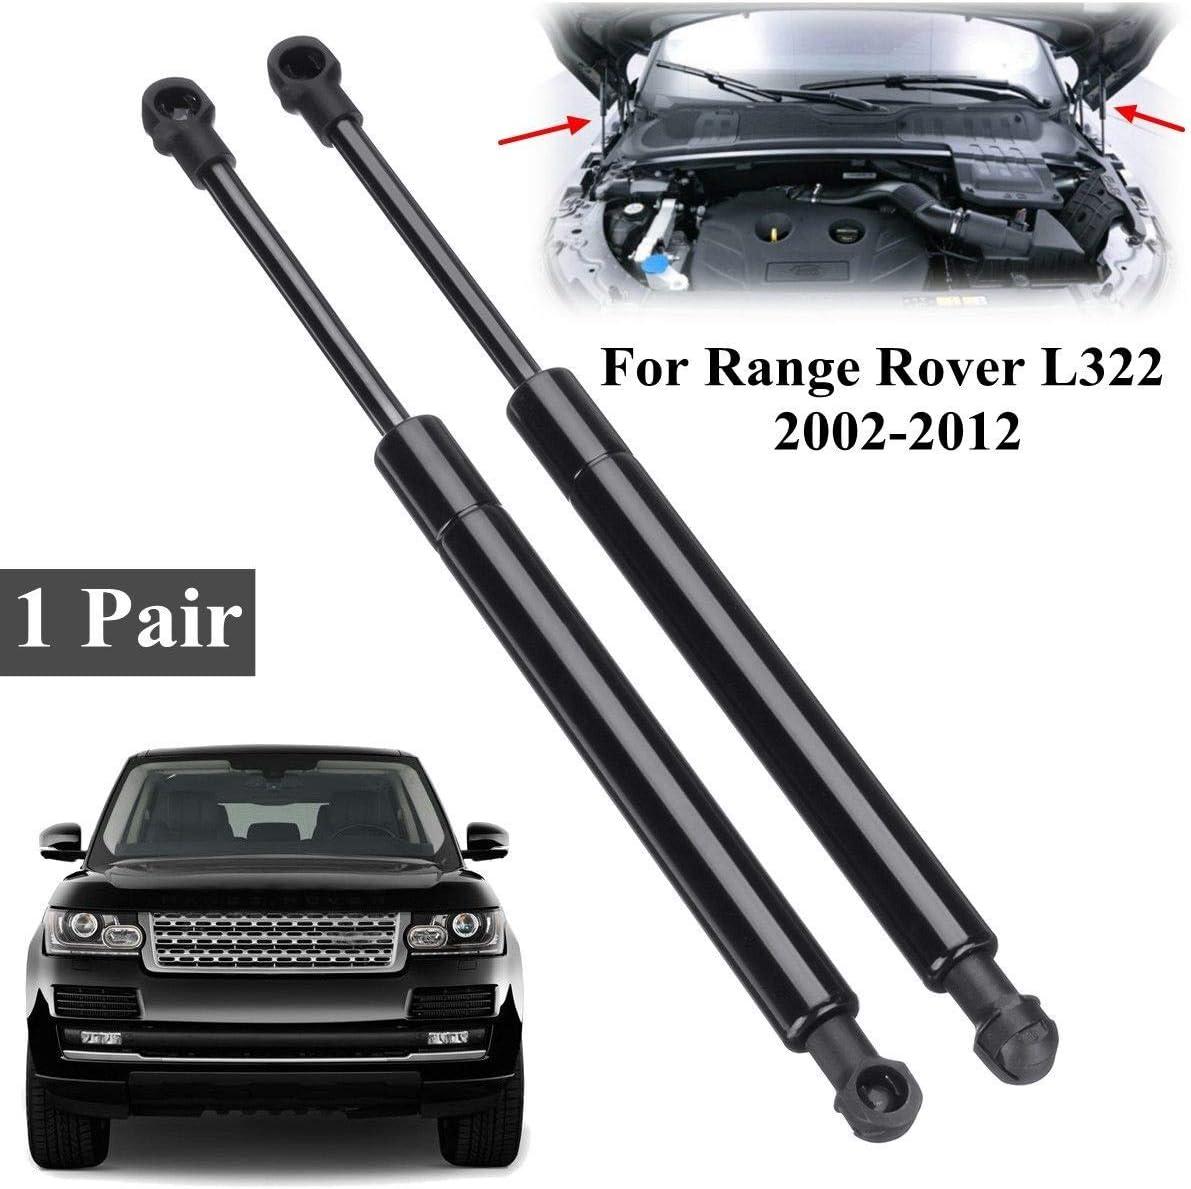 Fit for Range Rover L322 2002 2003 2004 2005 2006 2007 2008 2009 bis 2012 JINBINB 2ST Auto-Front Motorhaube Unterst/ützung Gas Struts Deckel BKK760010